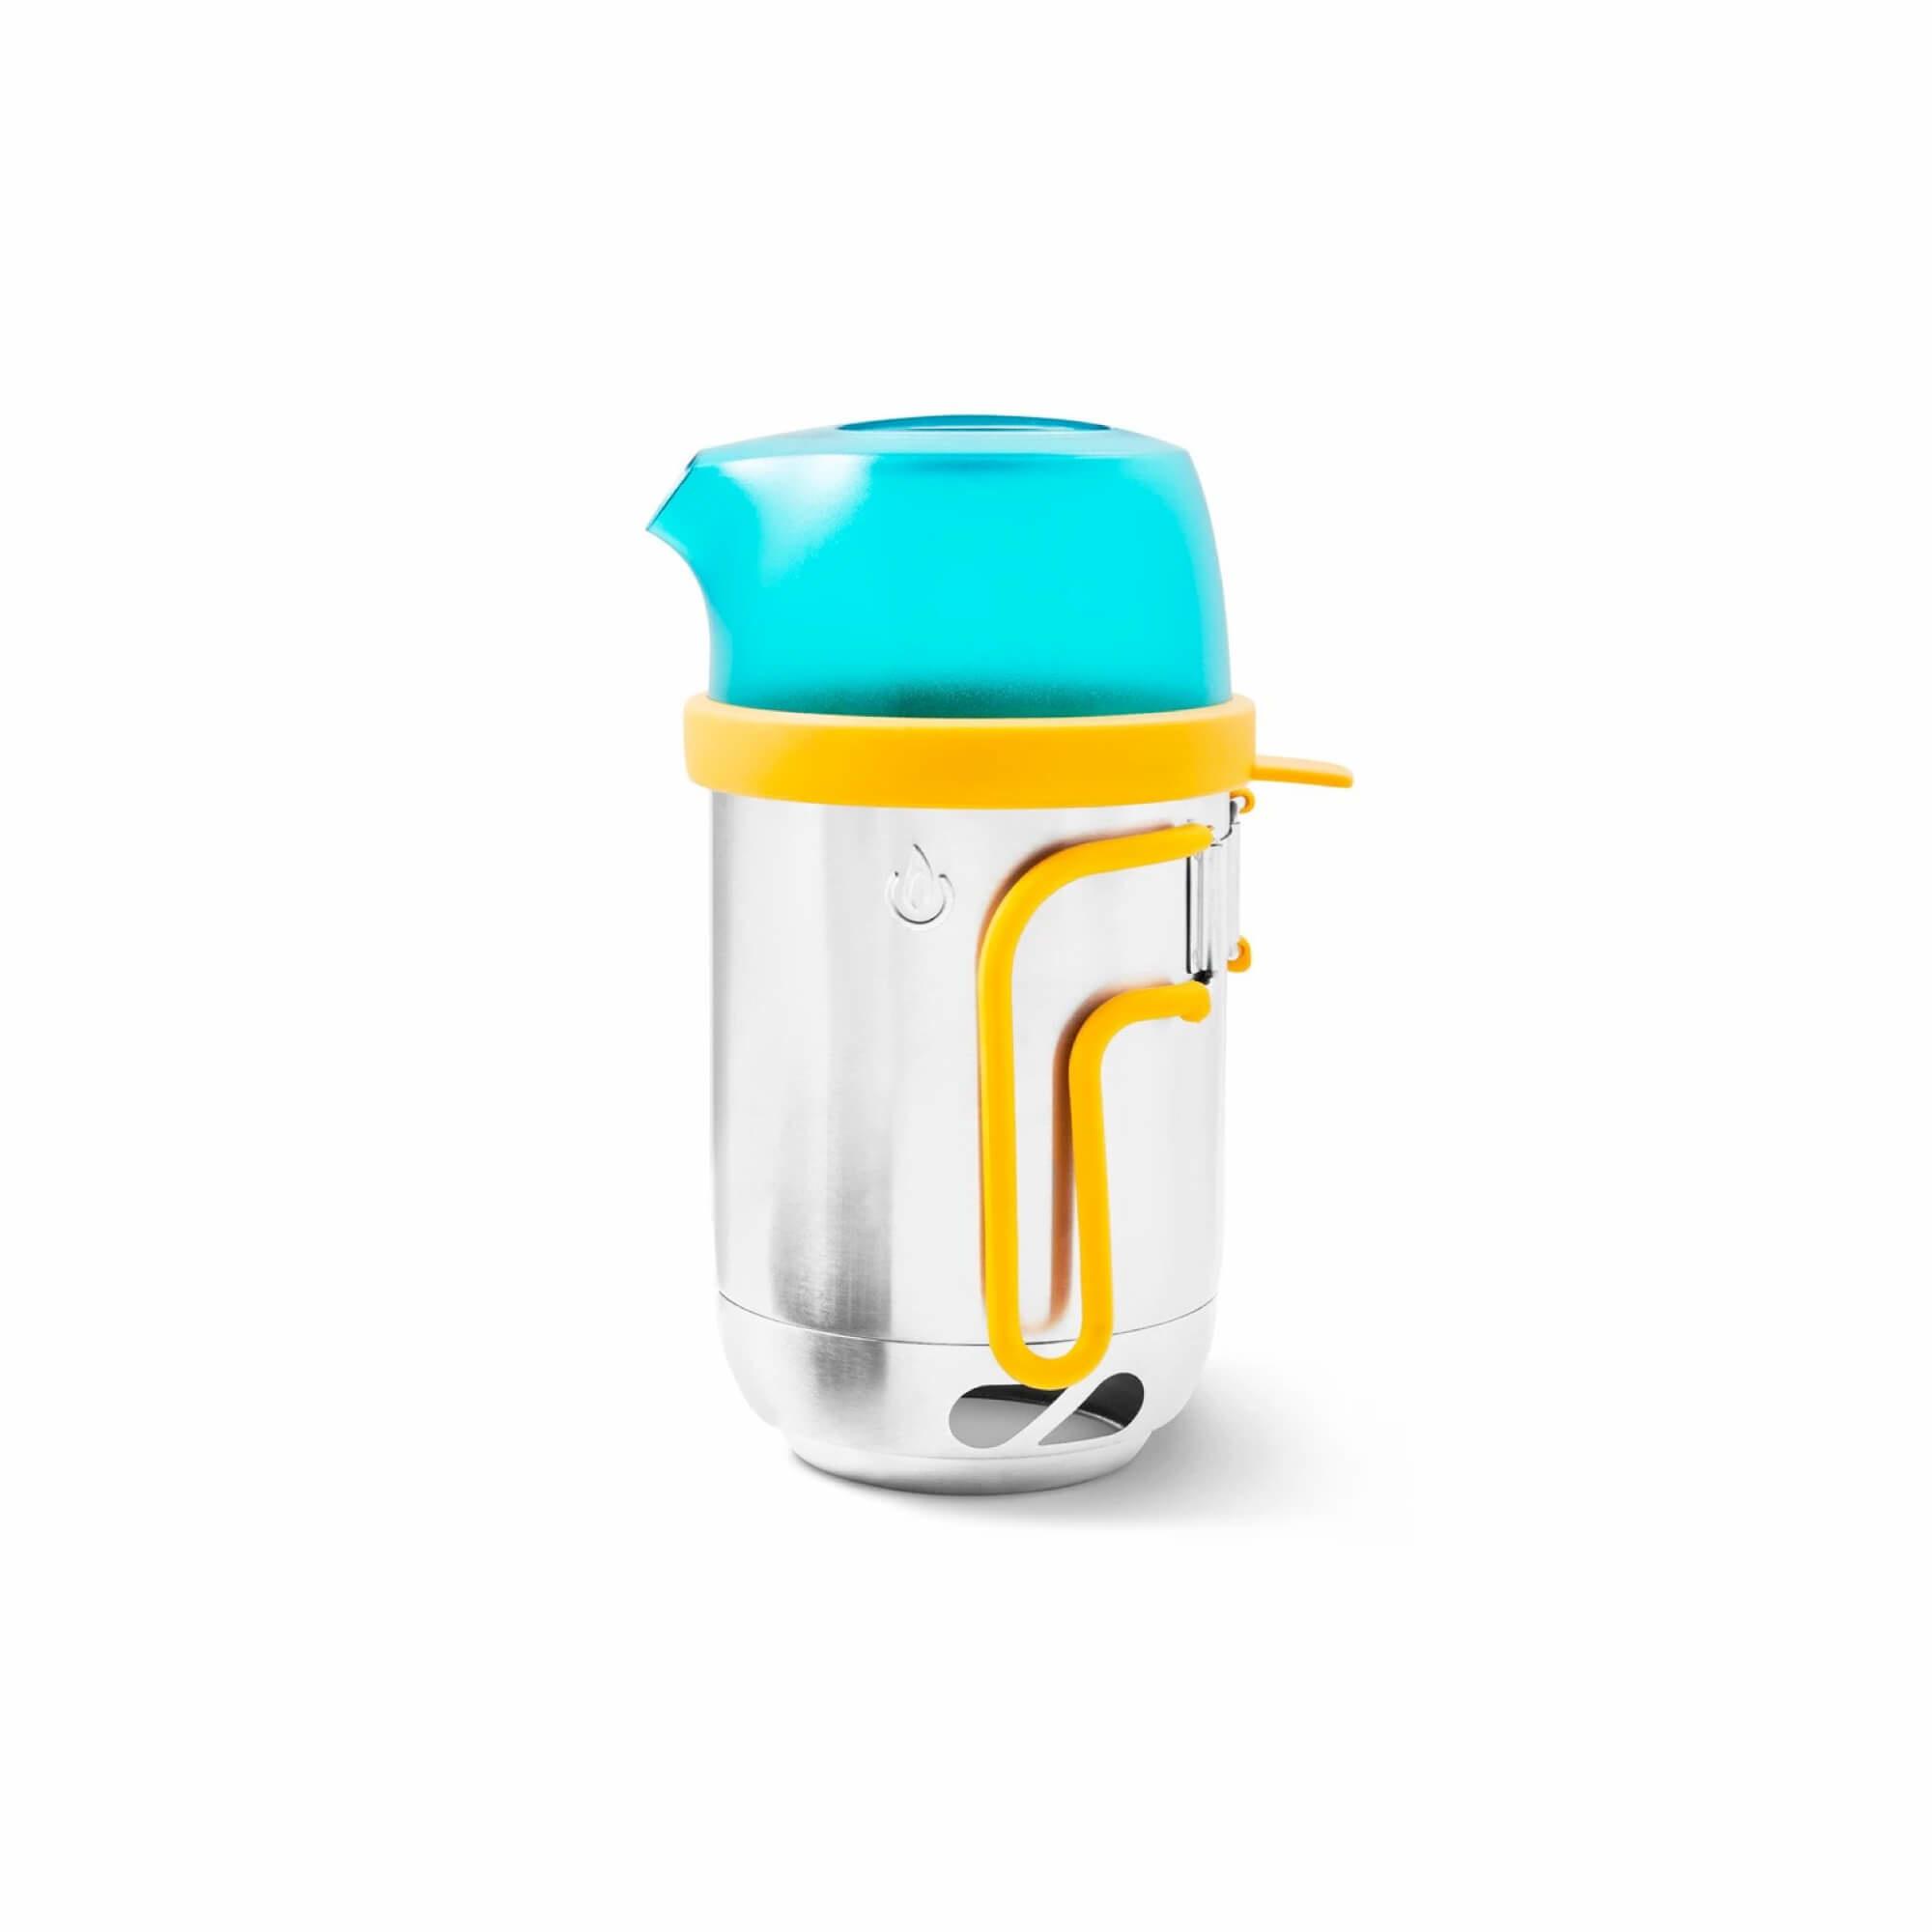 Kettlepot-1